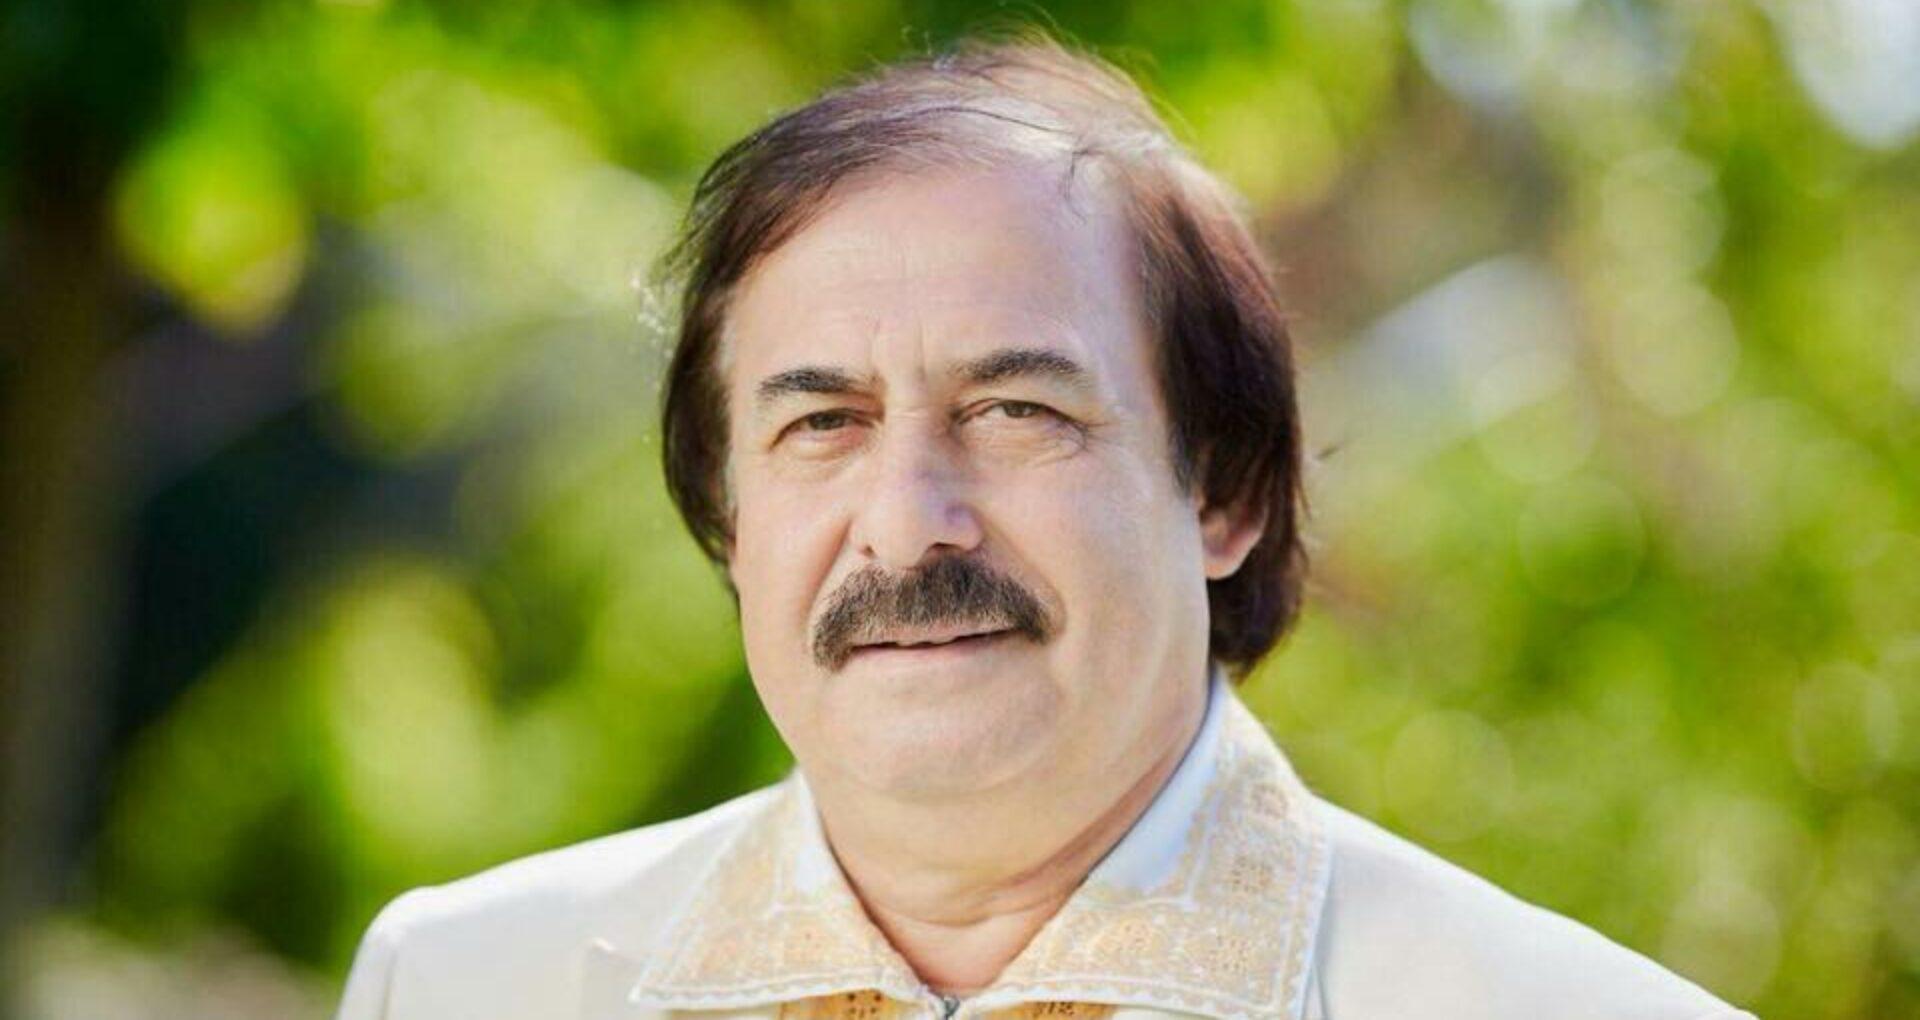 Maestrul Nicolae Botgros, în stare gravă la spital din cauza complicațiilor date de COVID-19